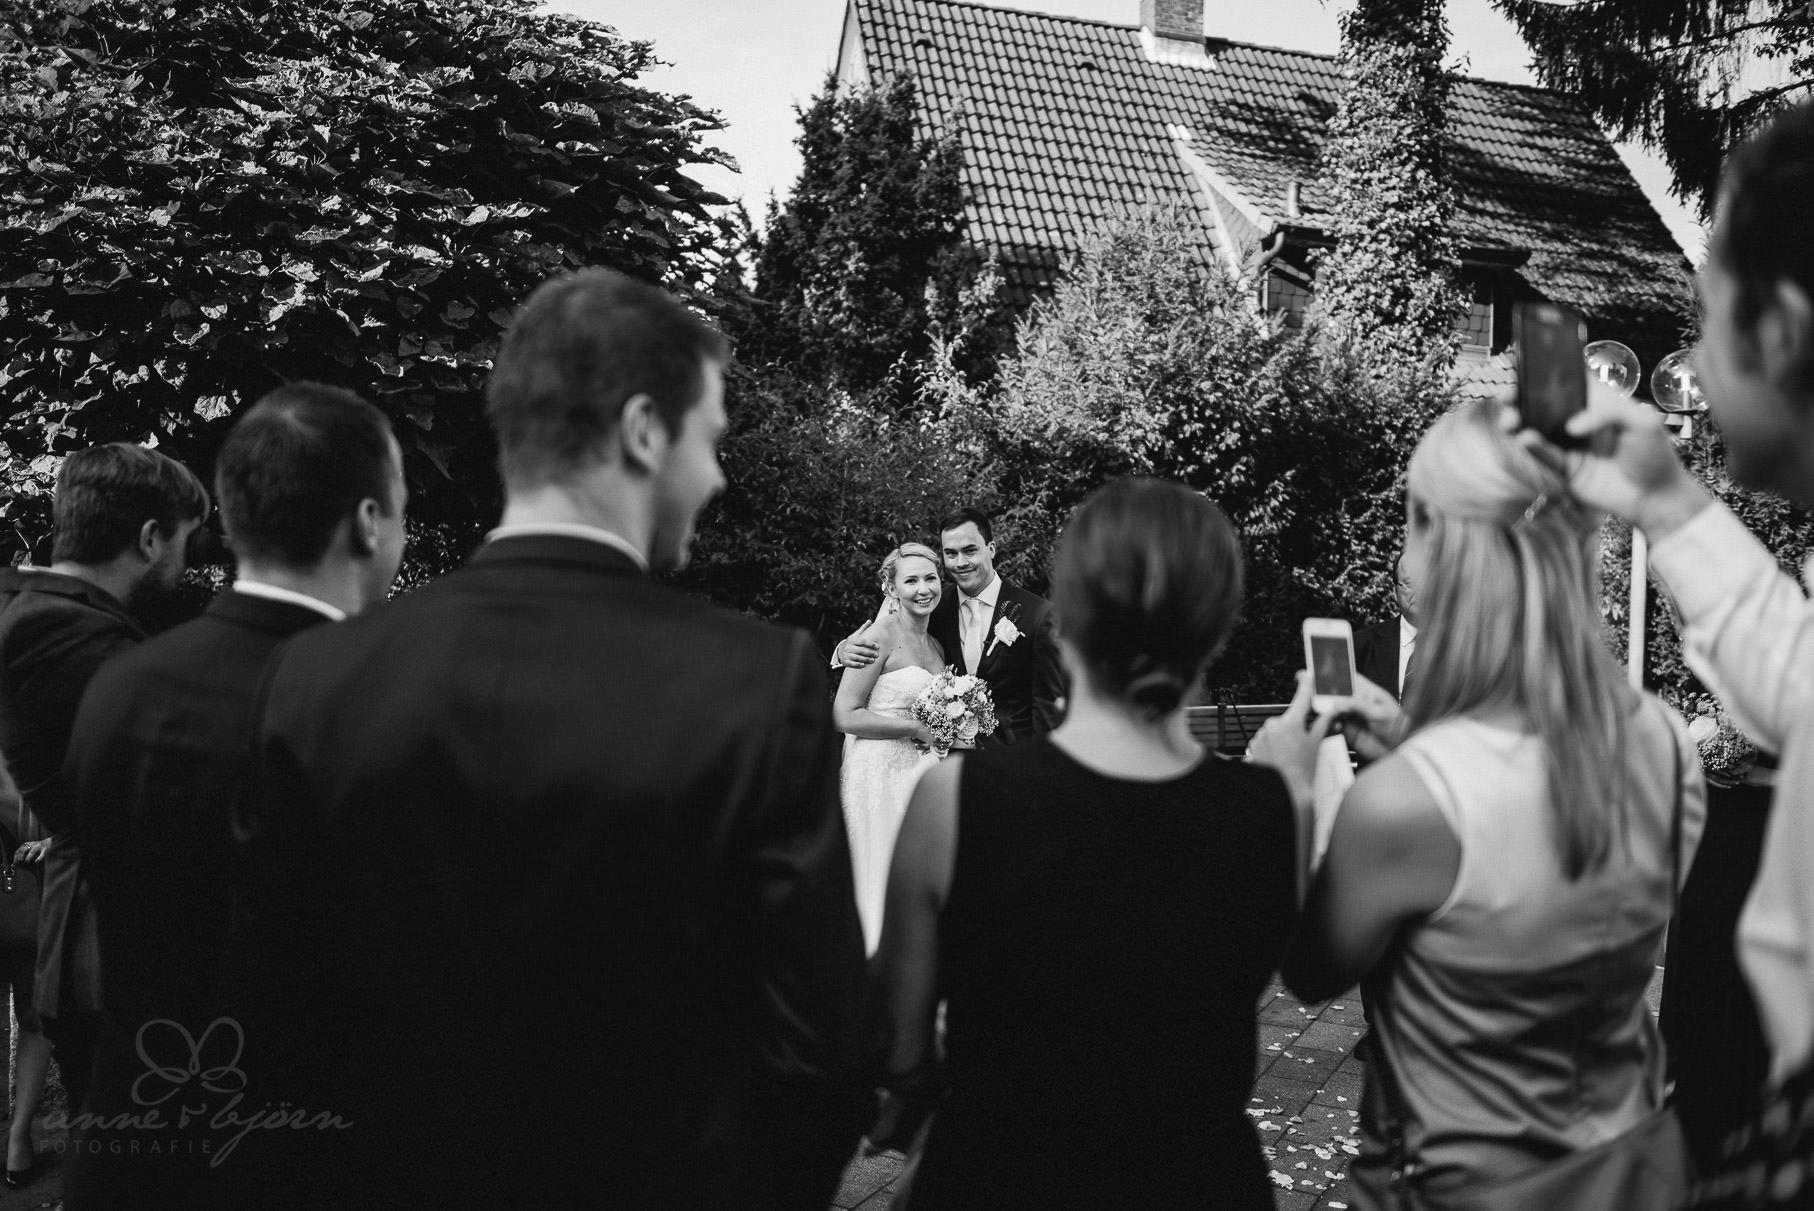 0031 euo 812 0678 - Hochzeit im Schloss Reinbek - Elvira & Olaf